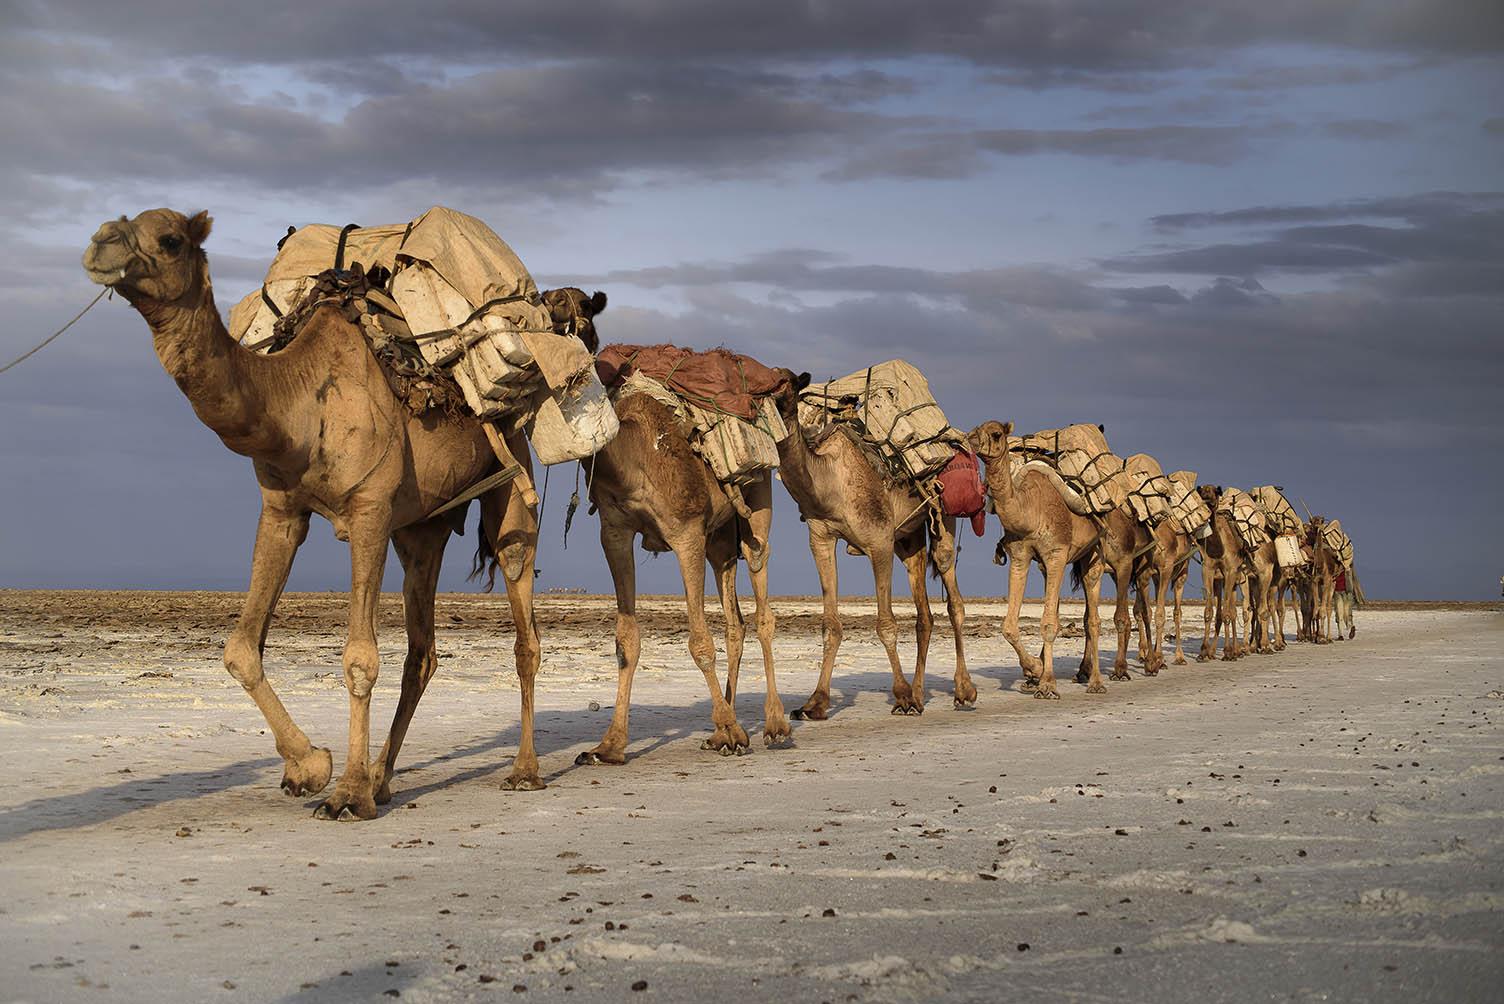 שיירת גמלים במדבר דאנקיל